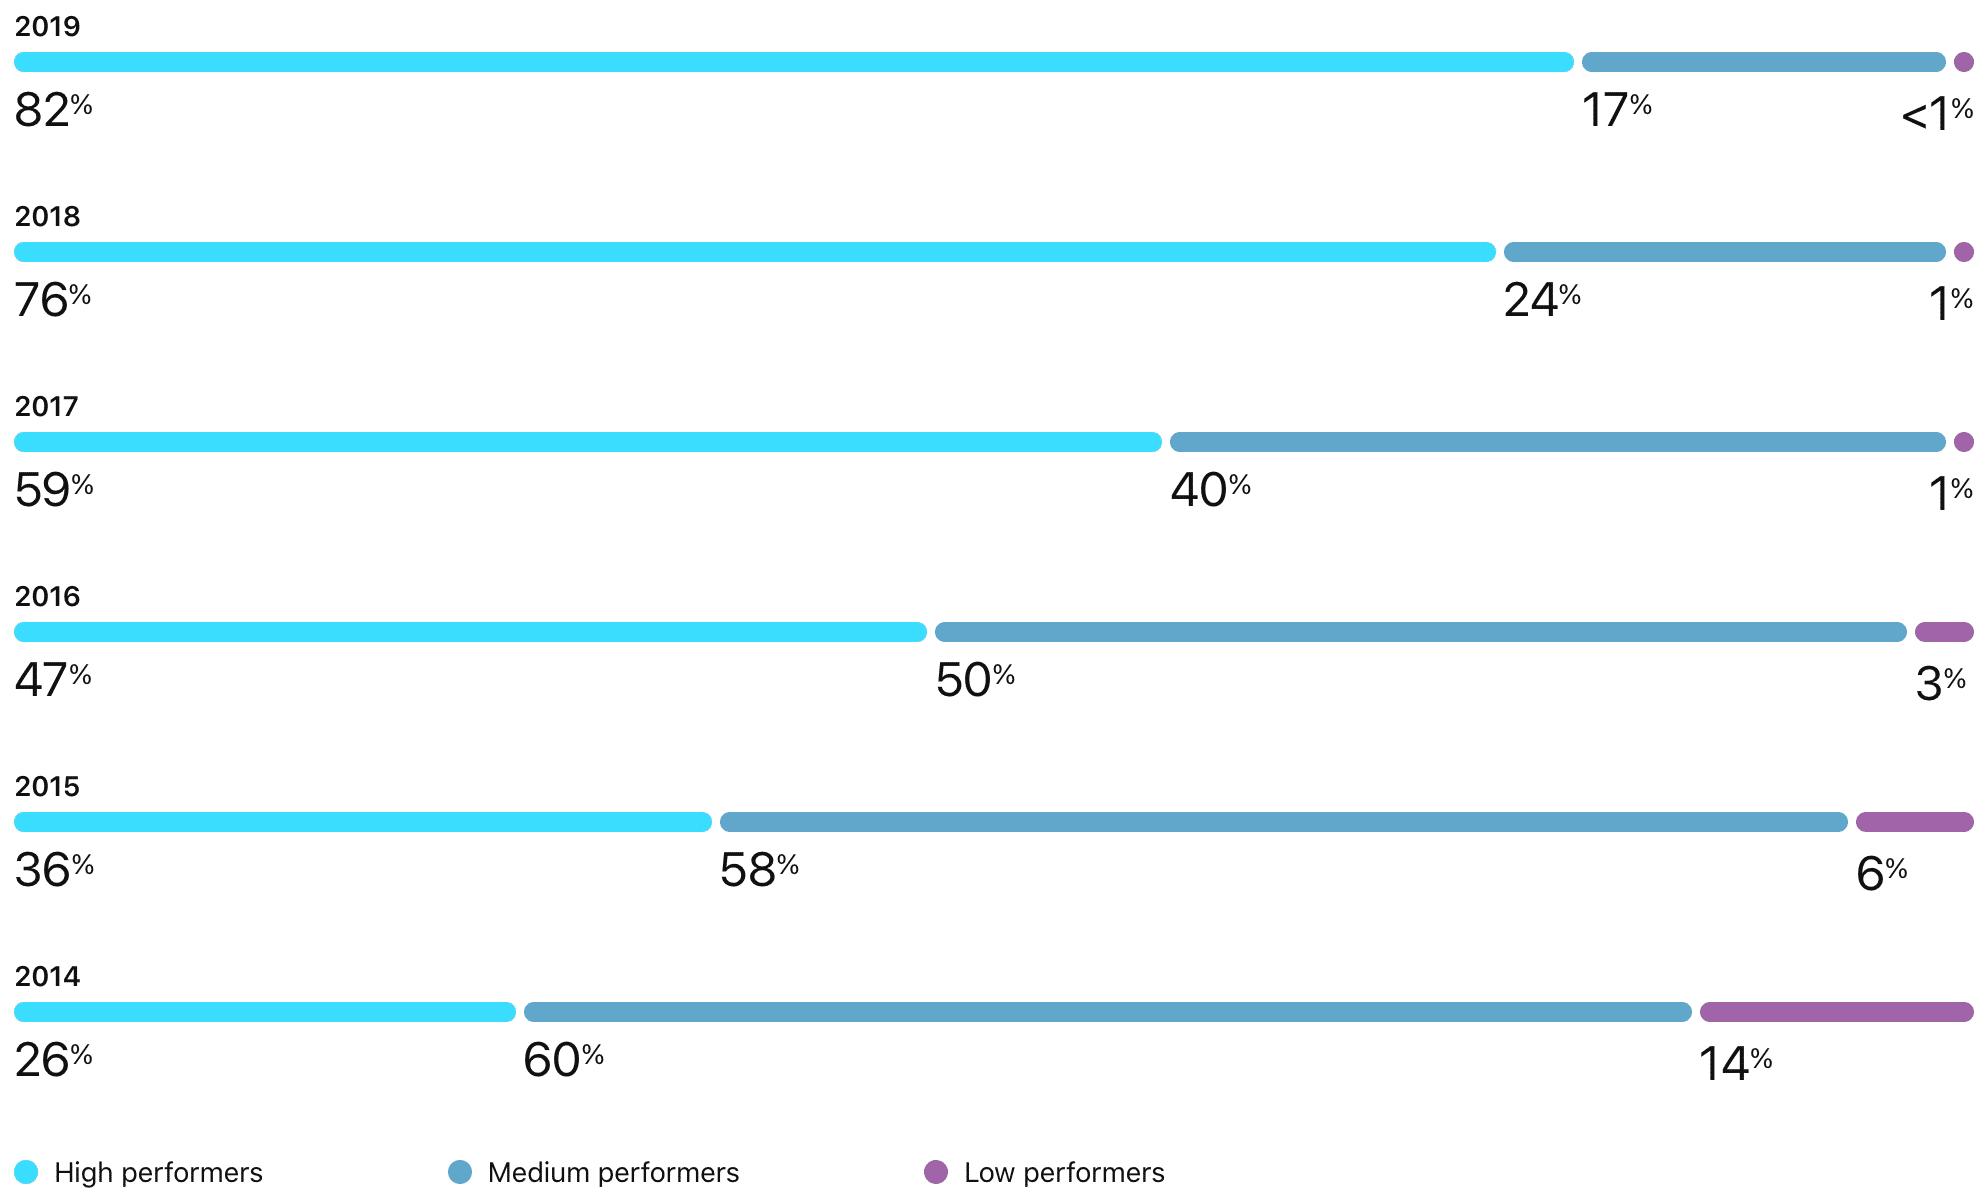 Índice de fornecedoras de alta, média e baixa performance da Apple